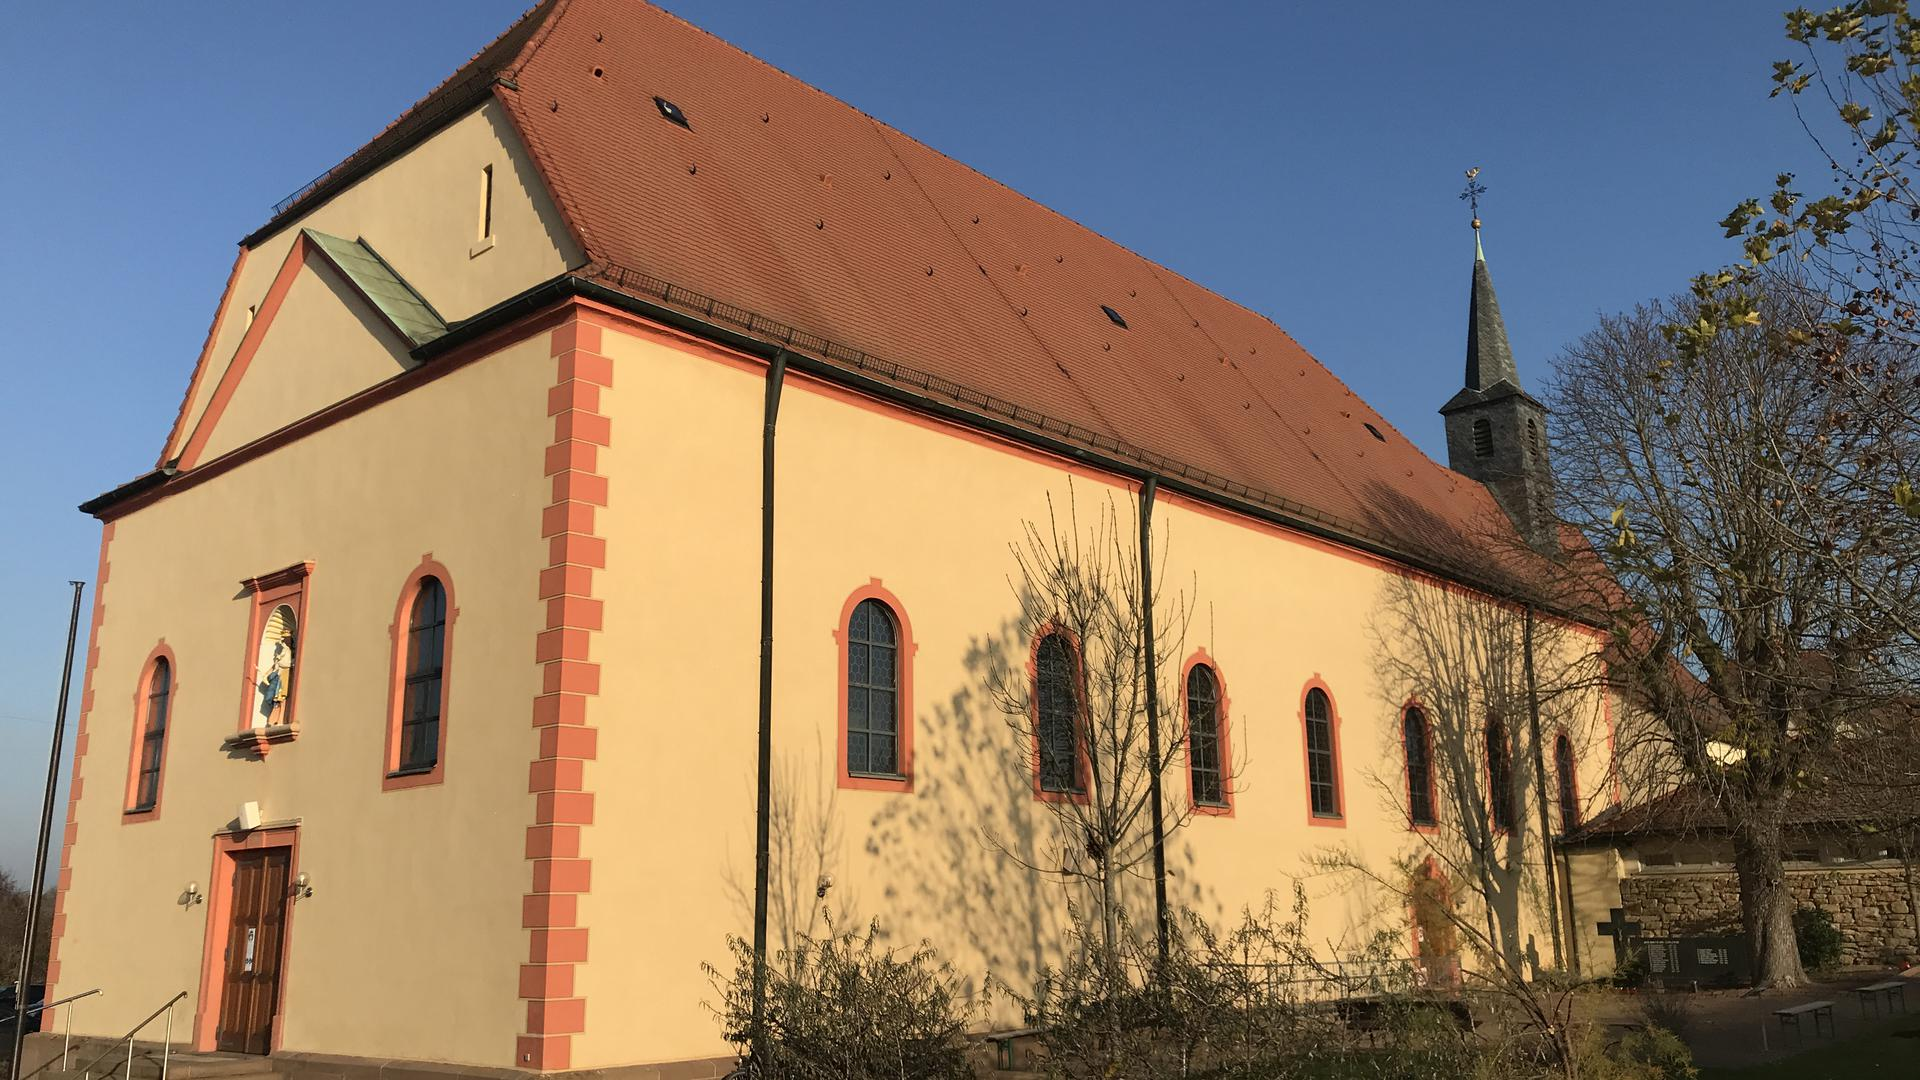 Kirche Waghäusel von außen